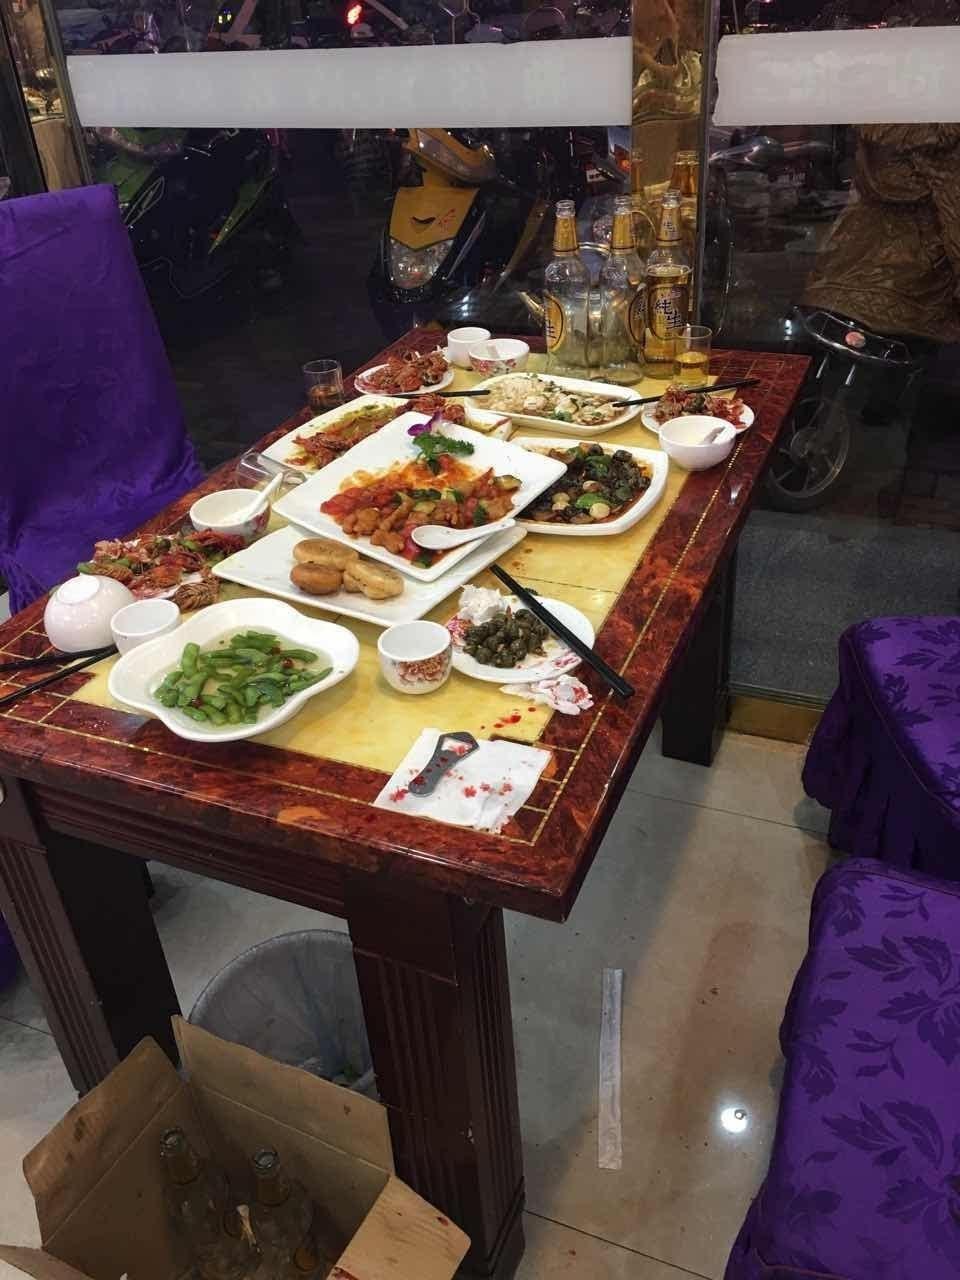 昨晚兴化某饭店,一男子正吃饭,后脑勺突被啤酒瓶袭击图片